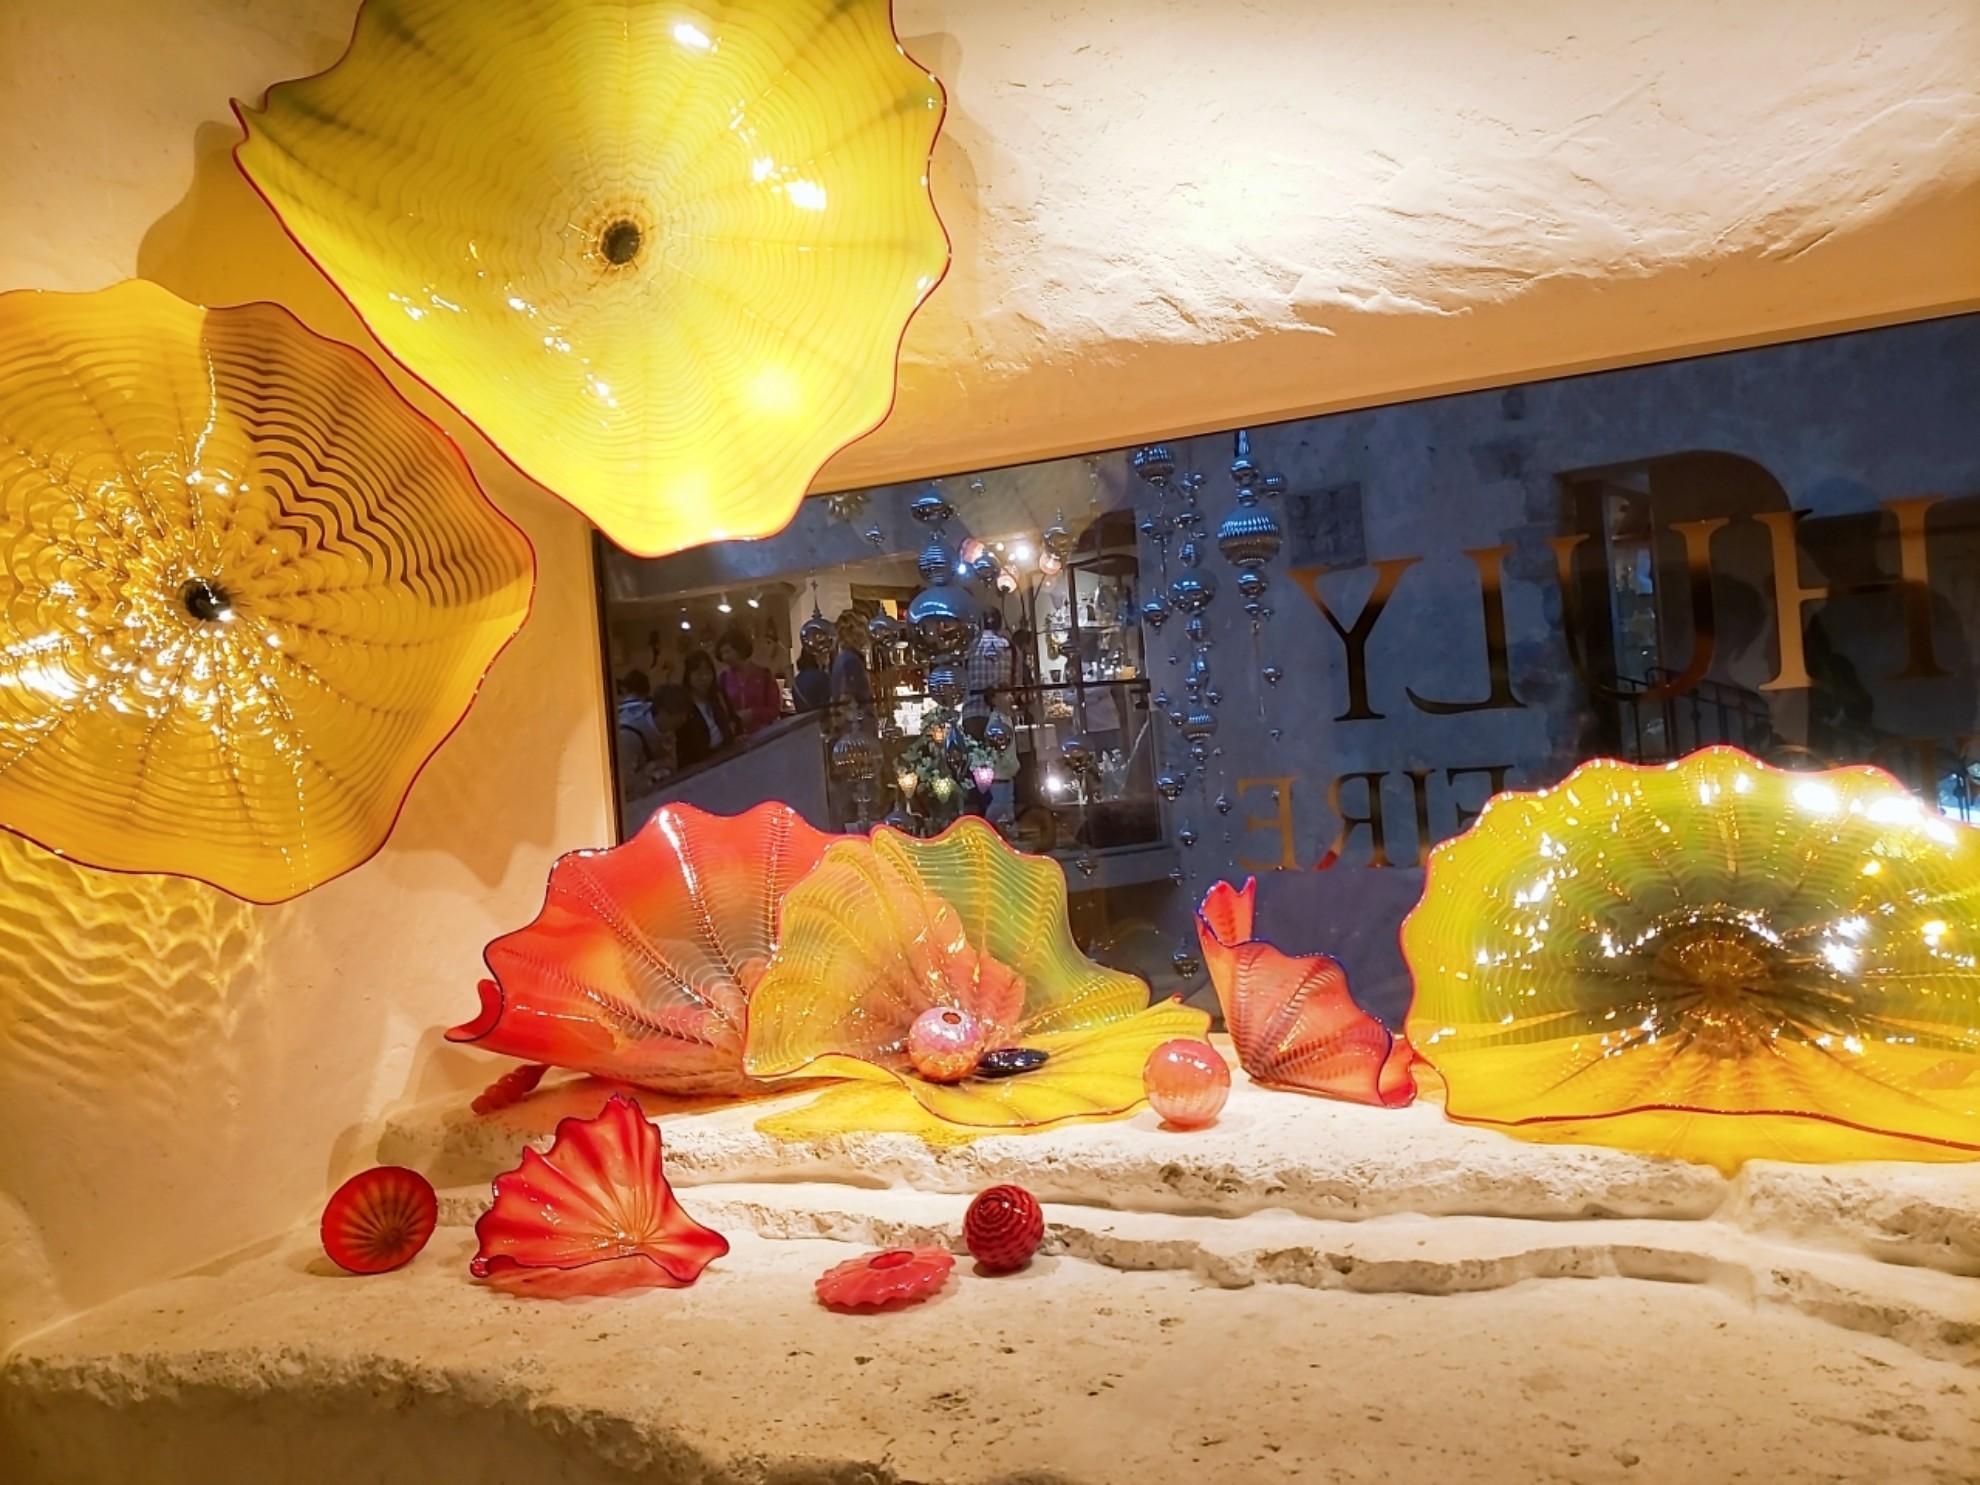 【箱根旅行】雨でも楽しめる!お手軽!1泊2日の温泉と美味しいものとキラキラな旅☆_10